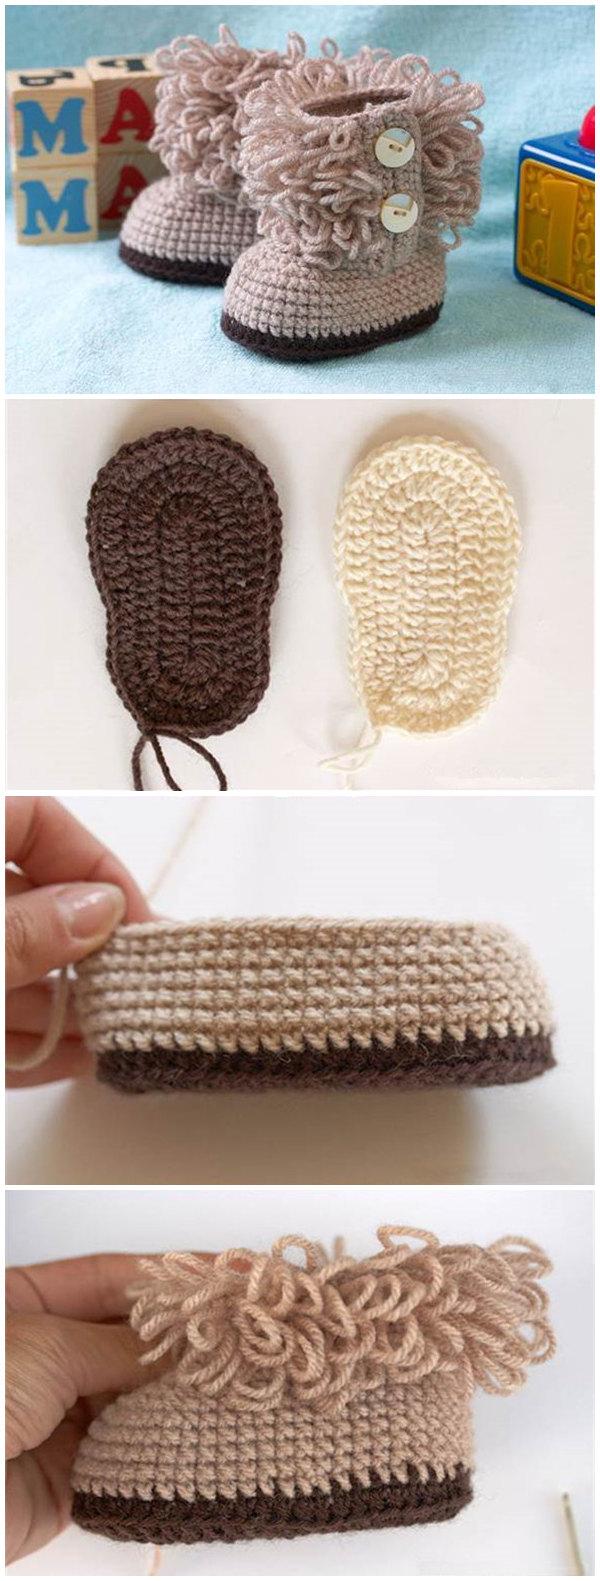 DIY UGG Style Crochet Booties